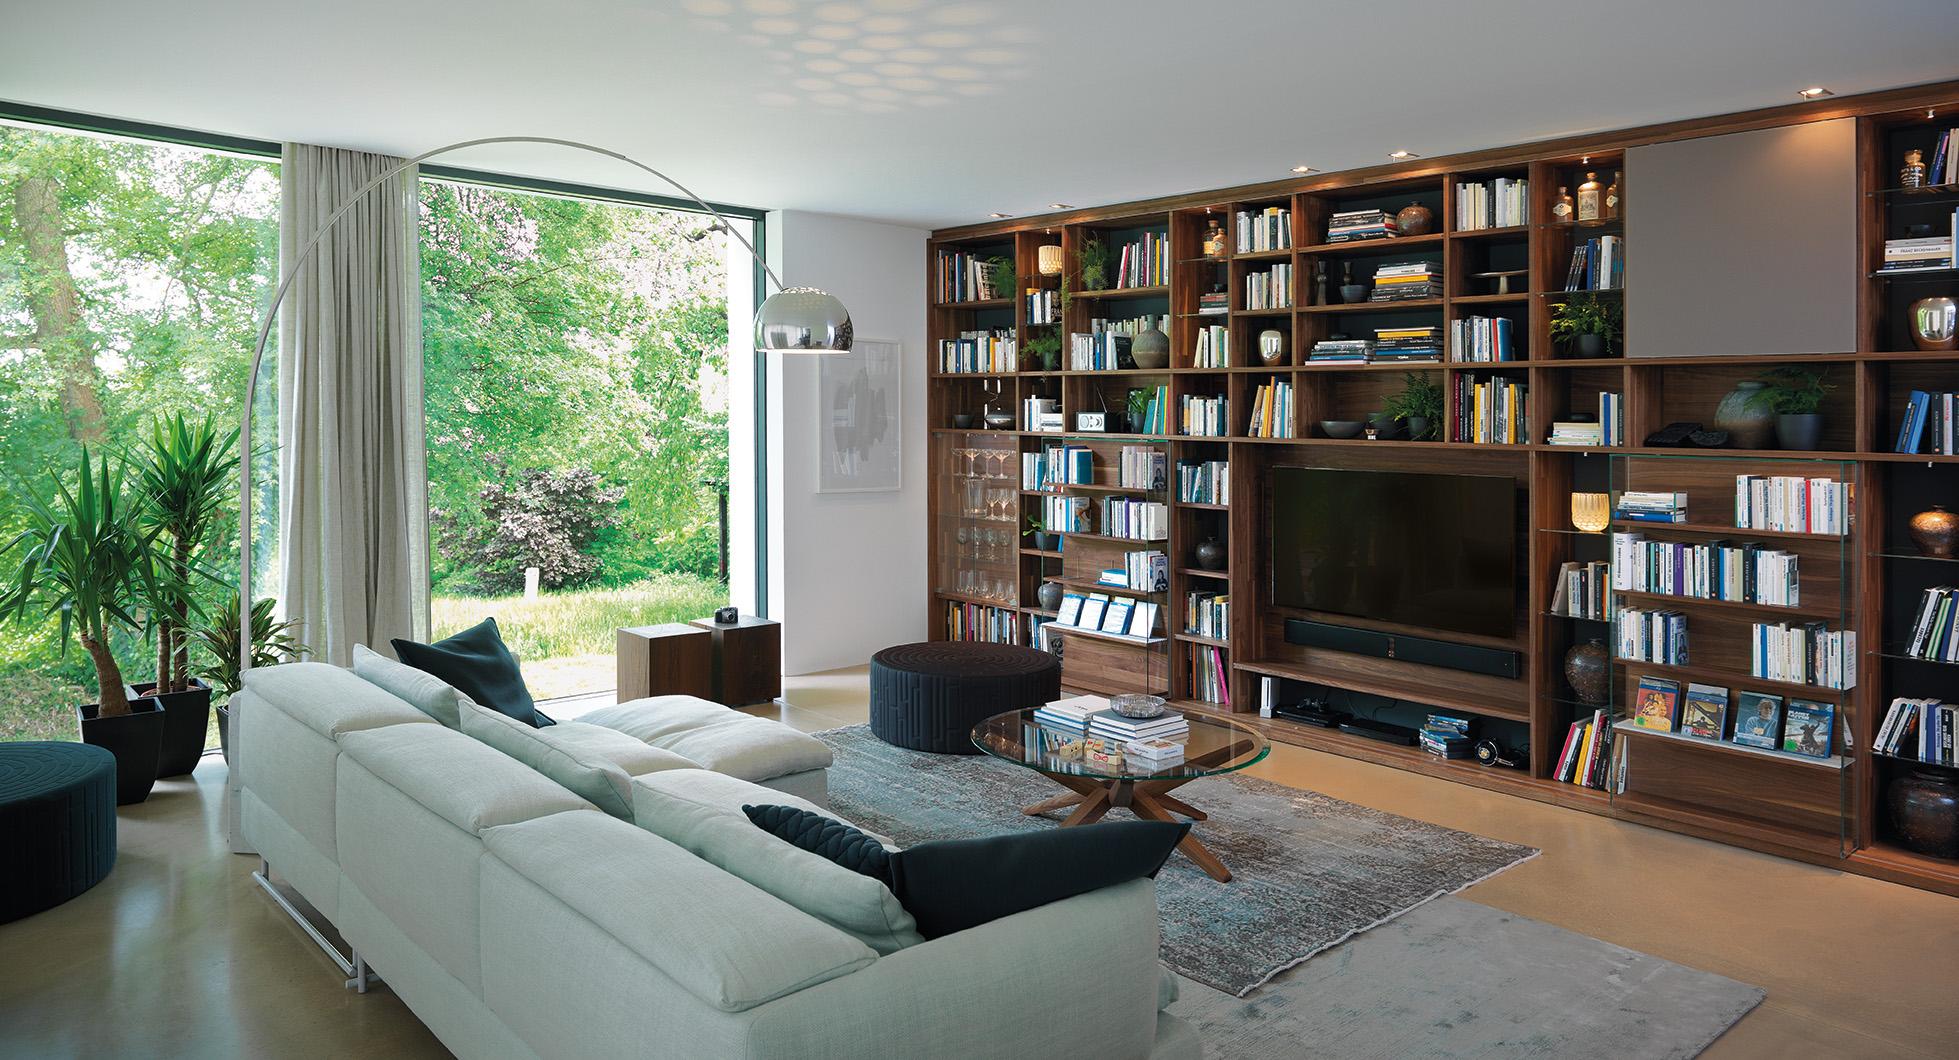 massivholzm bel regal wien. Black Bedroom Furniture Sets. Home Design Ideas